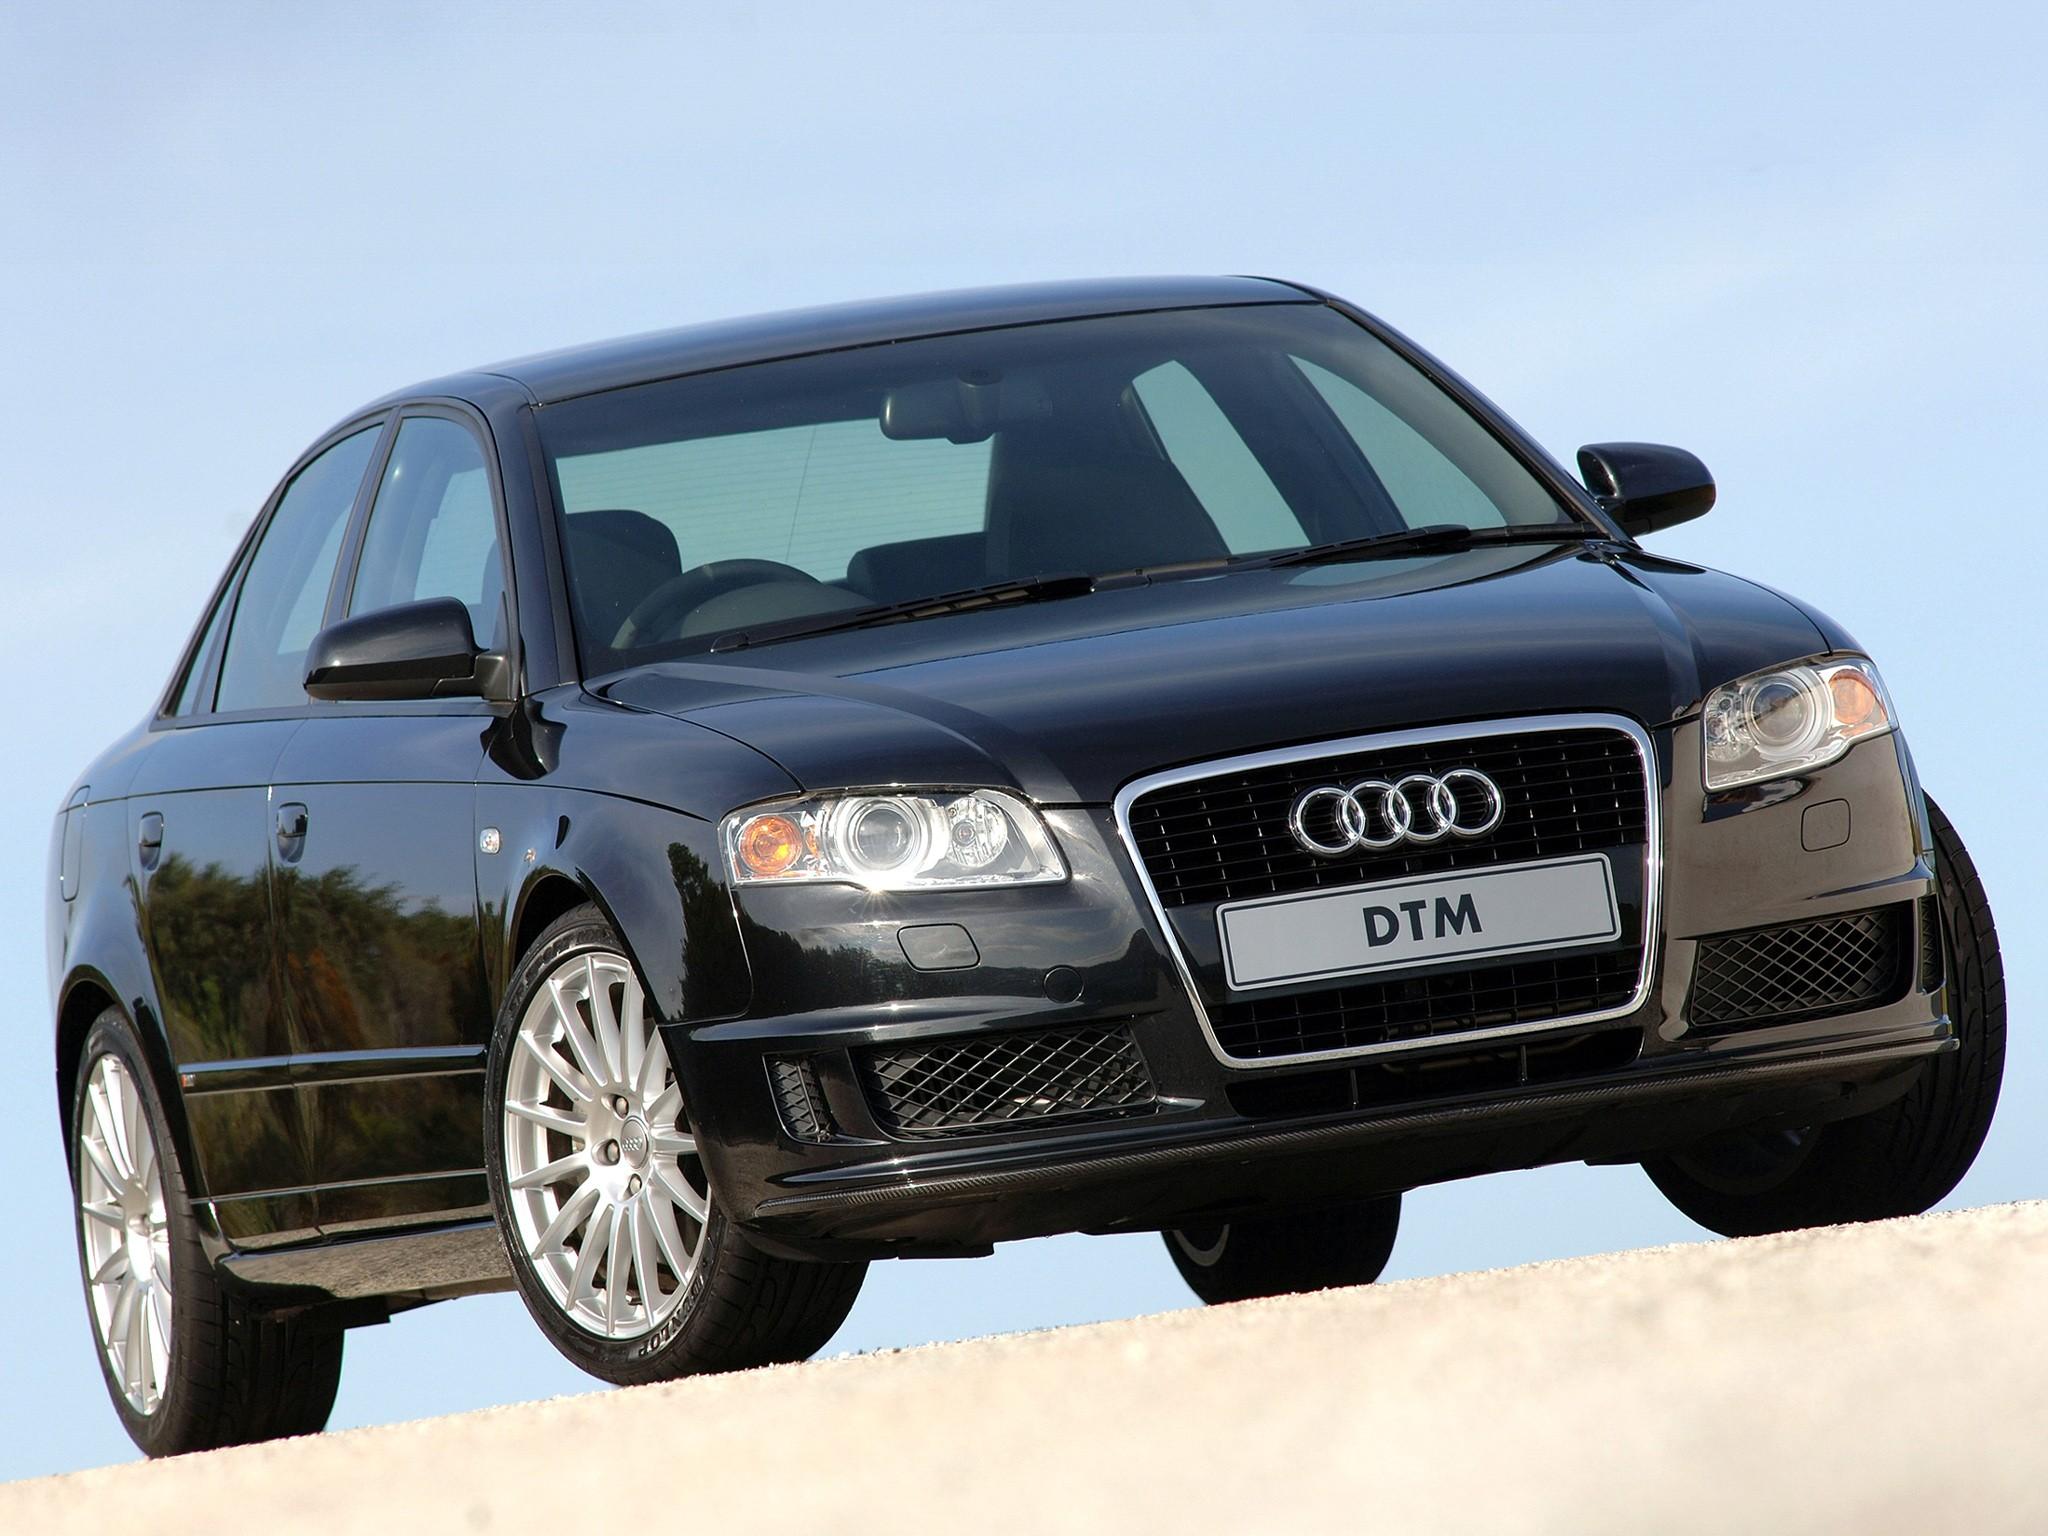 Audi A4 Dtm Edition 2005 2006 2007 Autoevolution